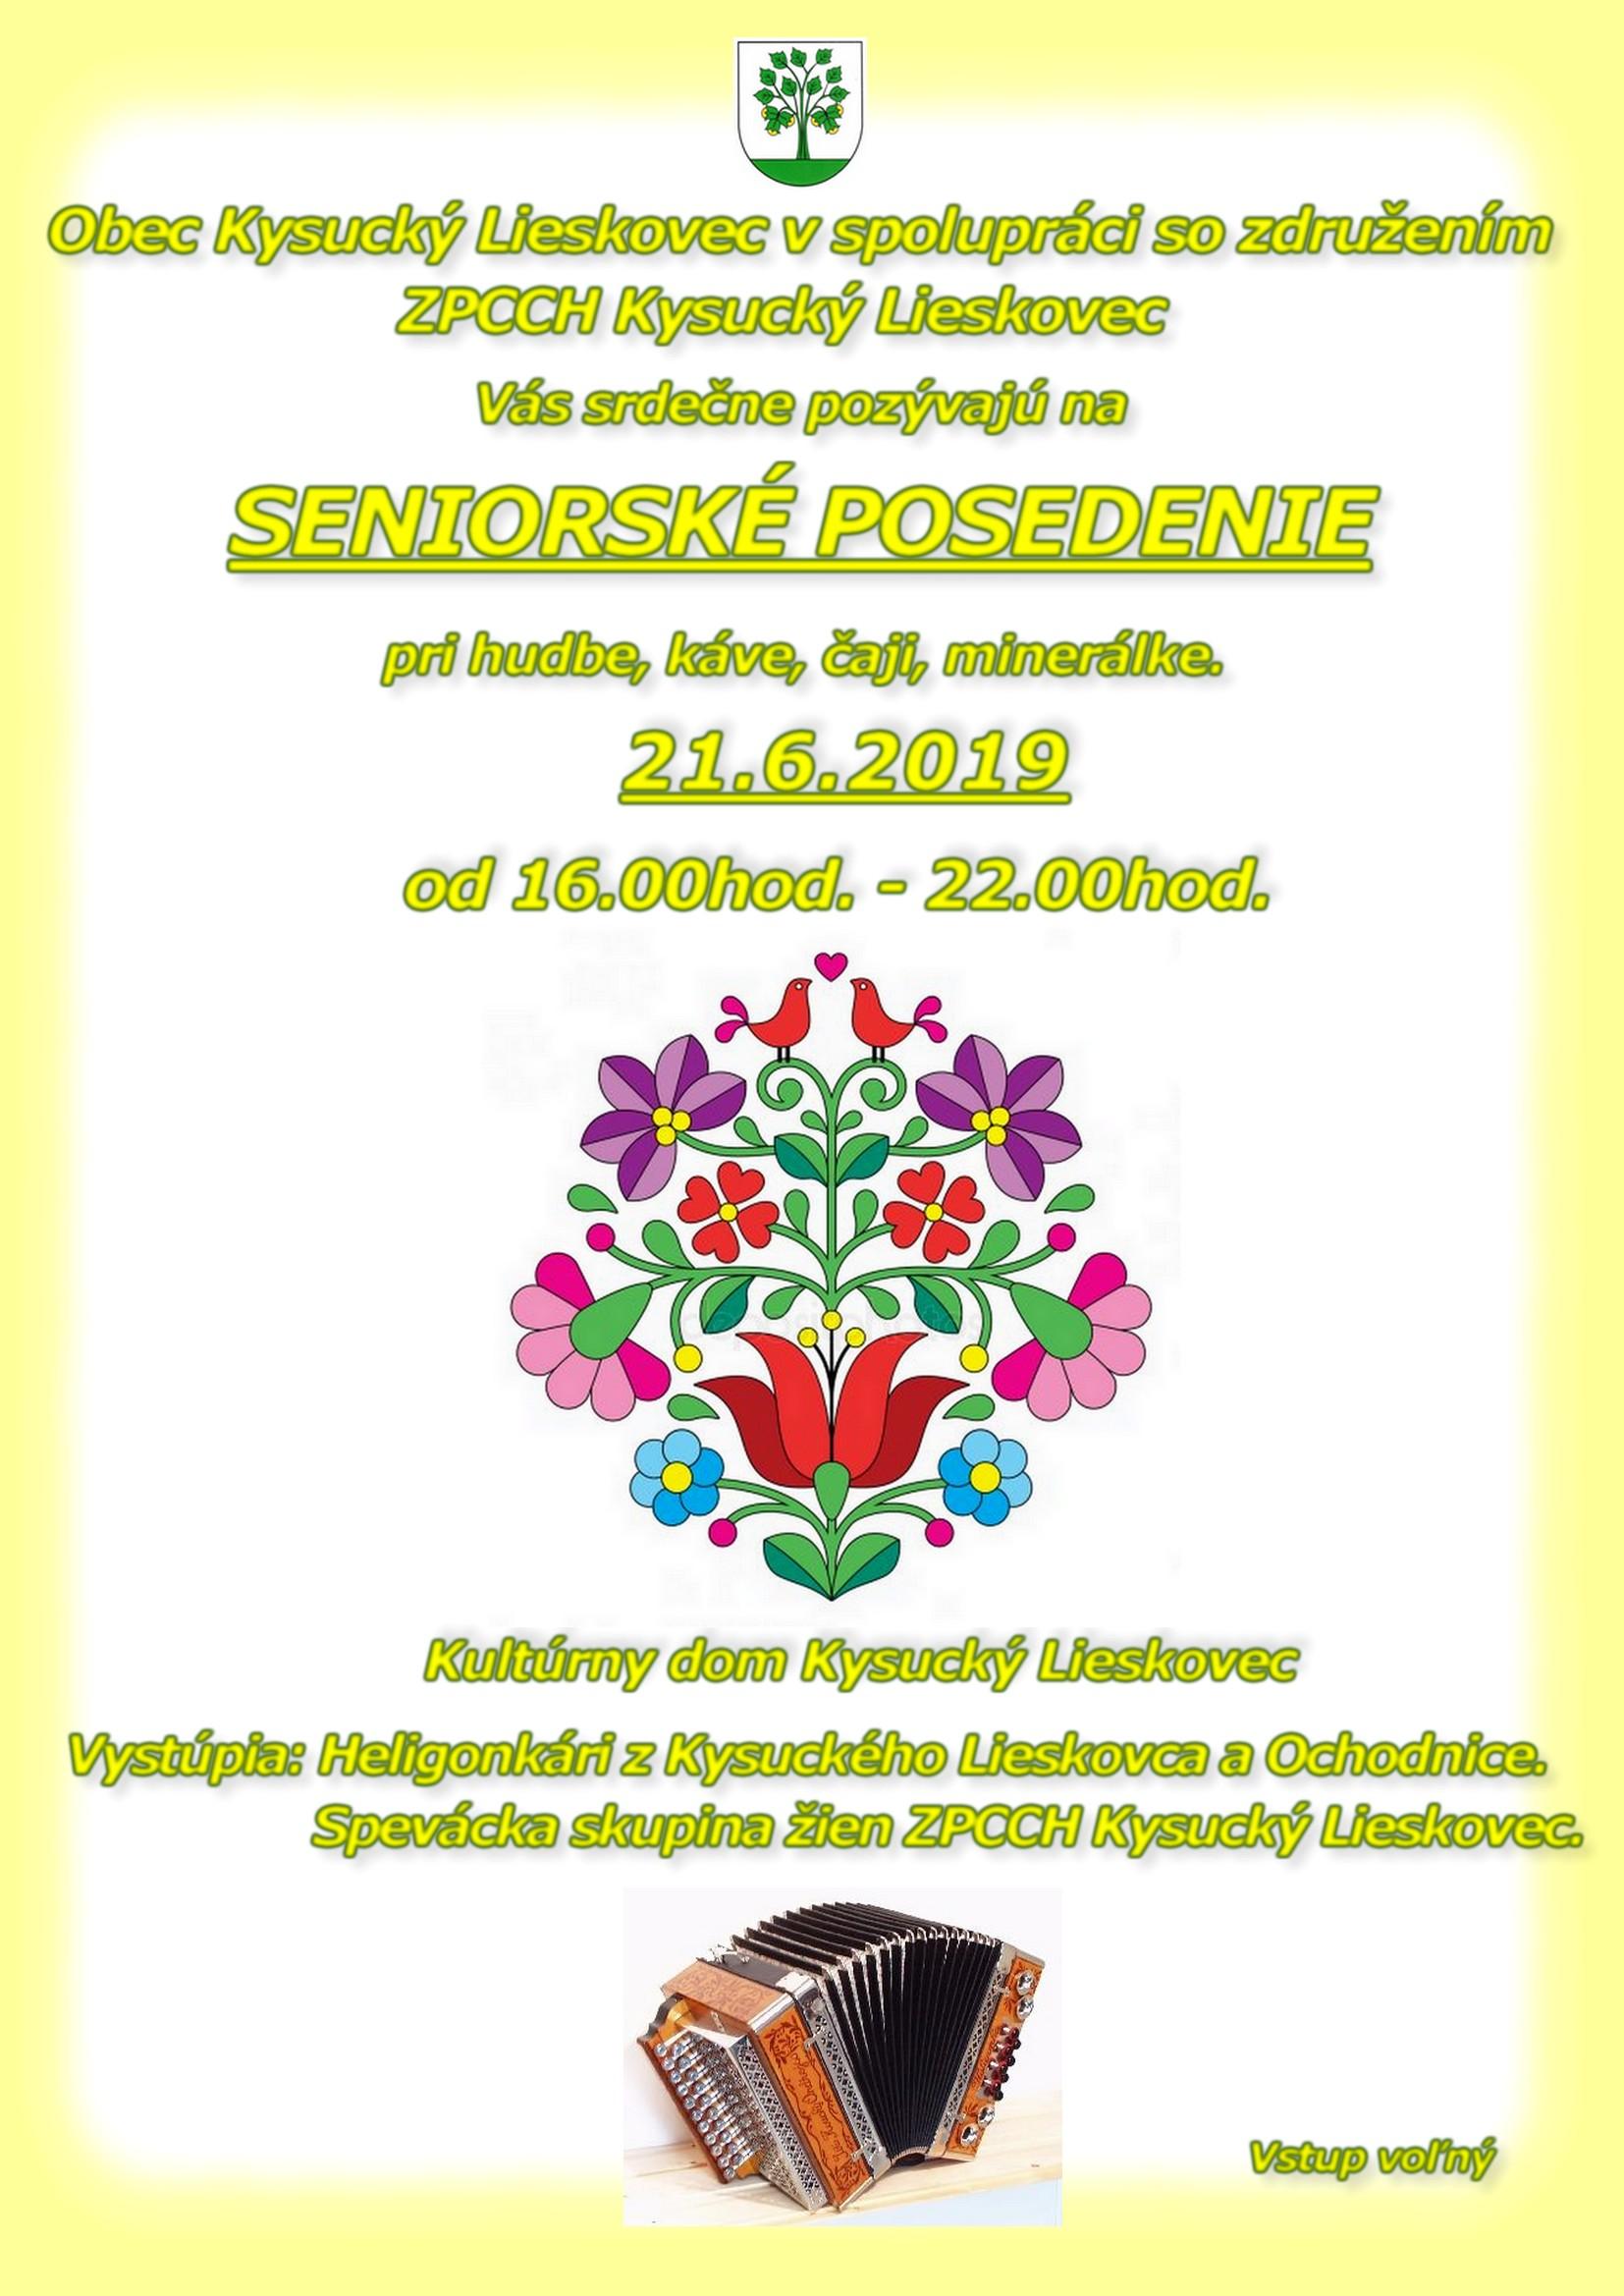 Kysucky Lieskovec村与ZPCCH Kysucky Lieskovec协会合作,邀请您于16:00至22:00之间进入SENIOR ASSEMBLY 21.6.2019。